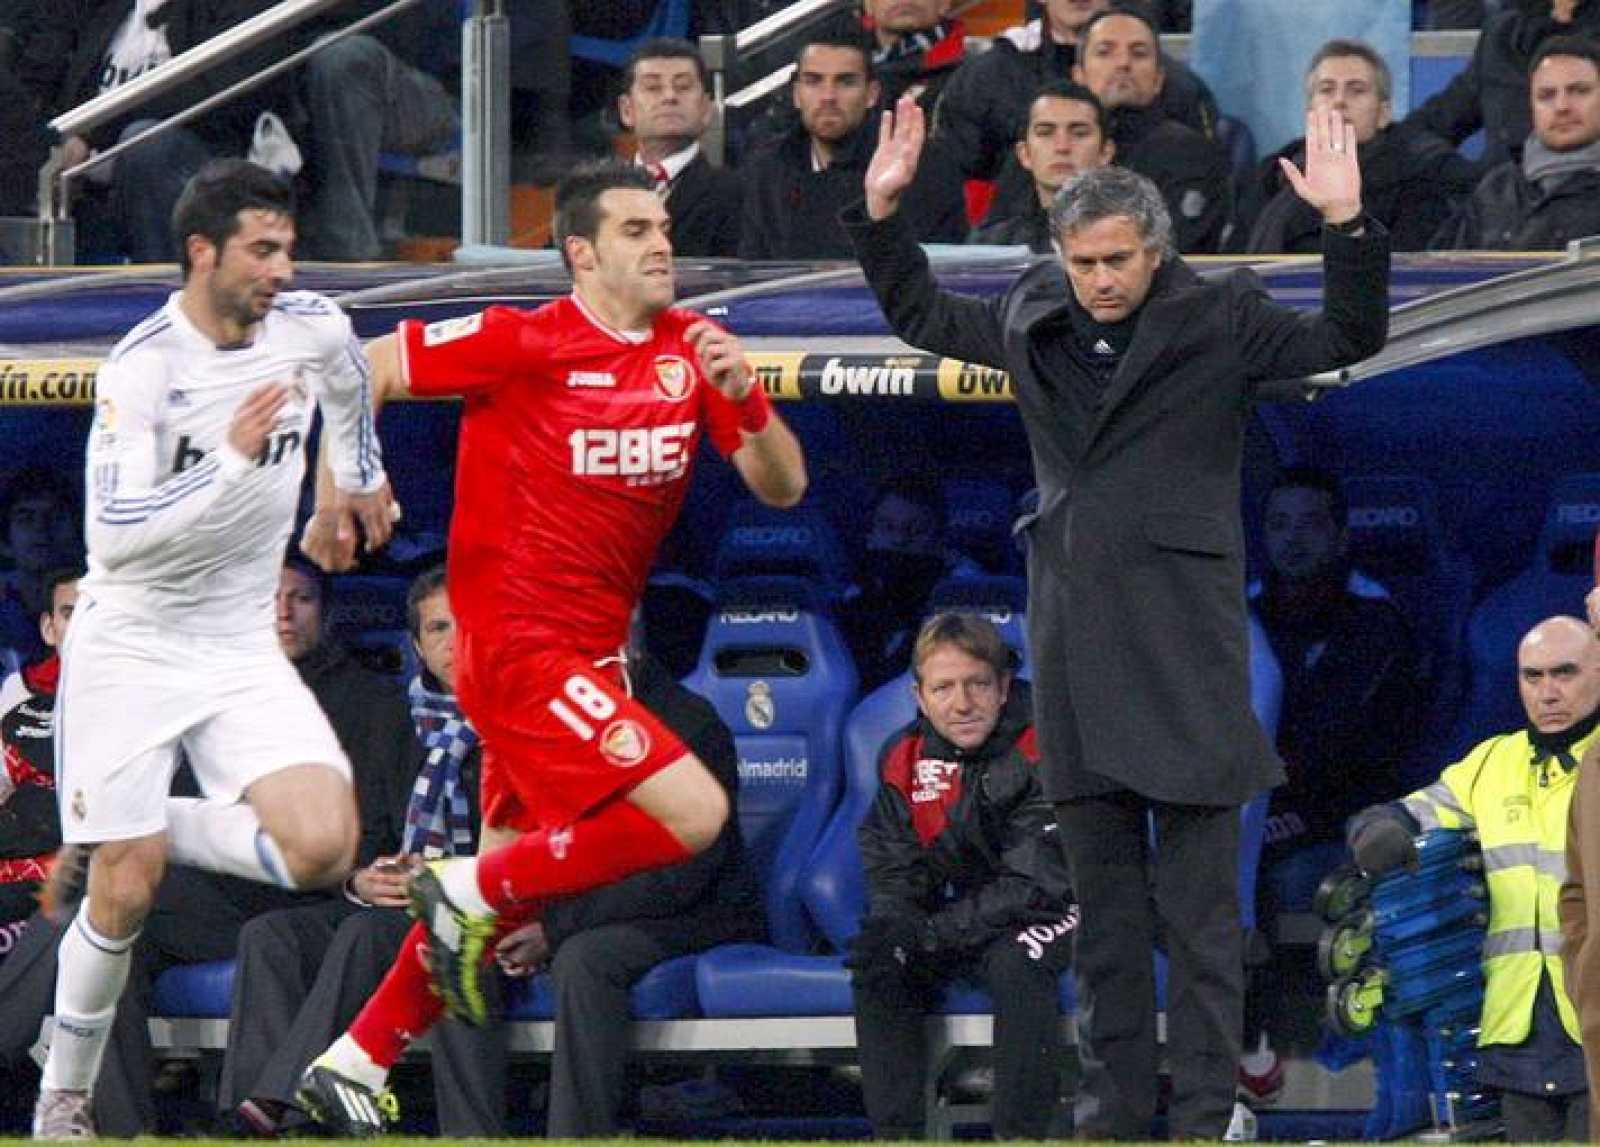 El madridista Albiol corre con el sevillista Negredo ante la mirada de Mourinho.